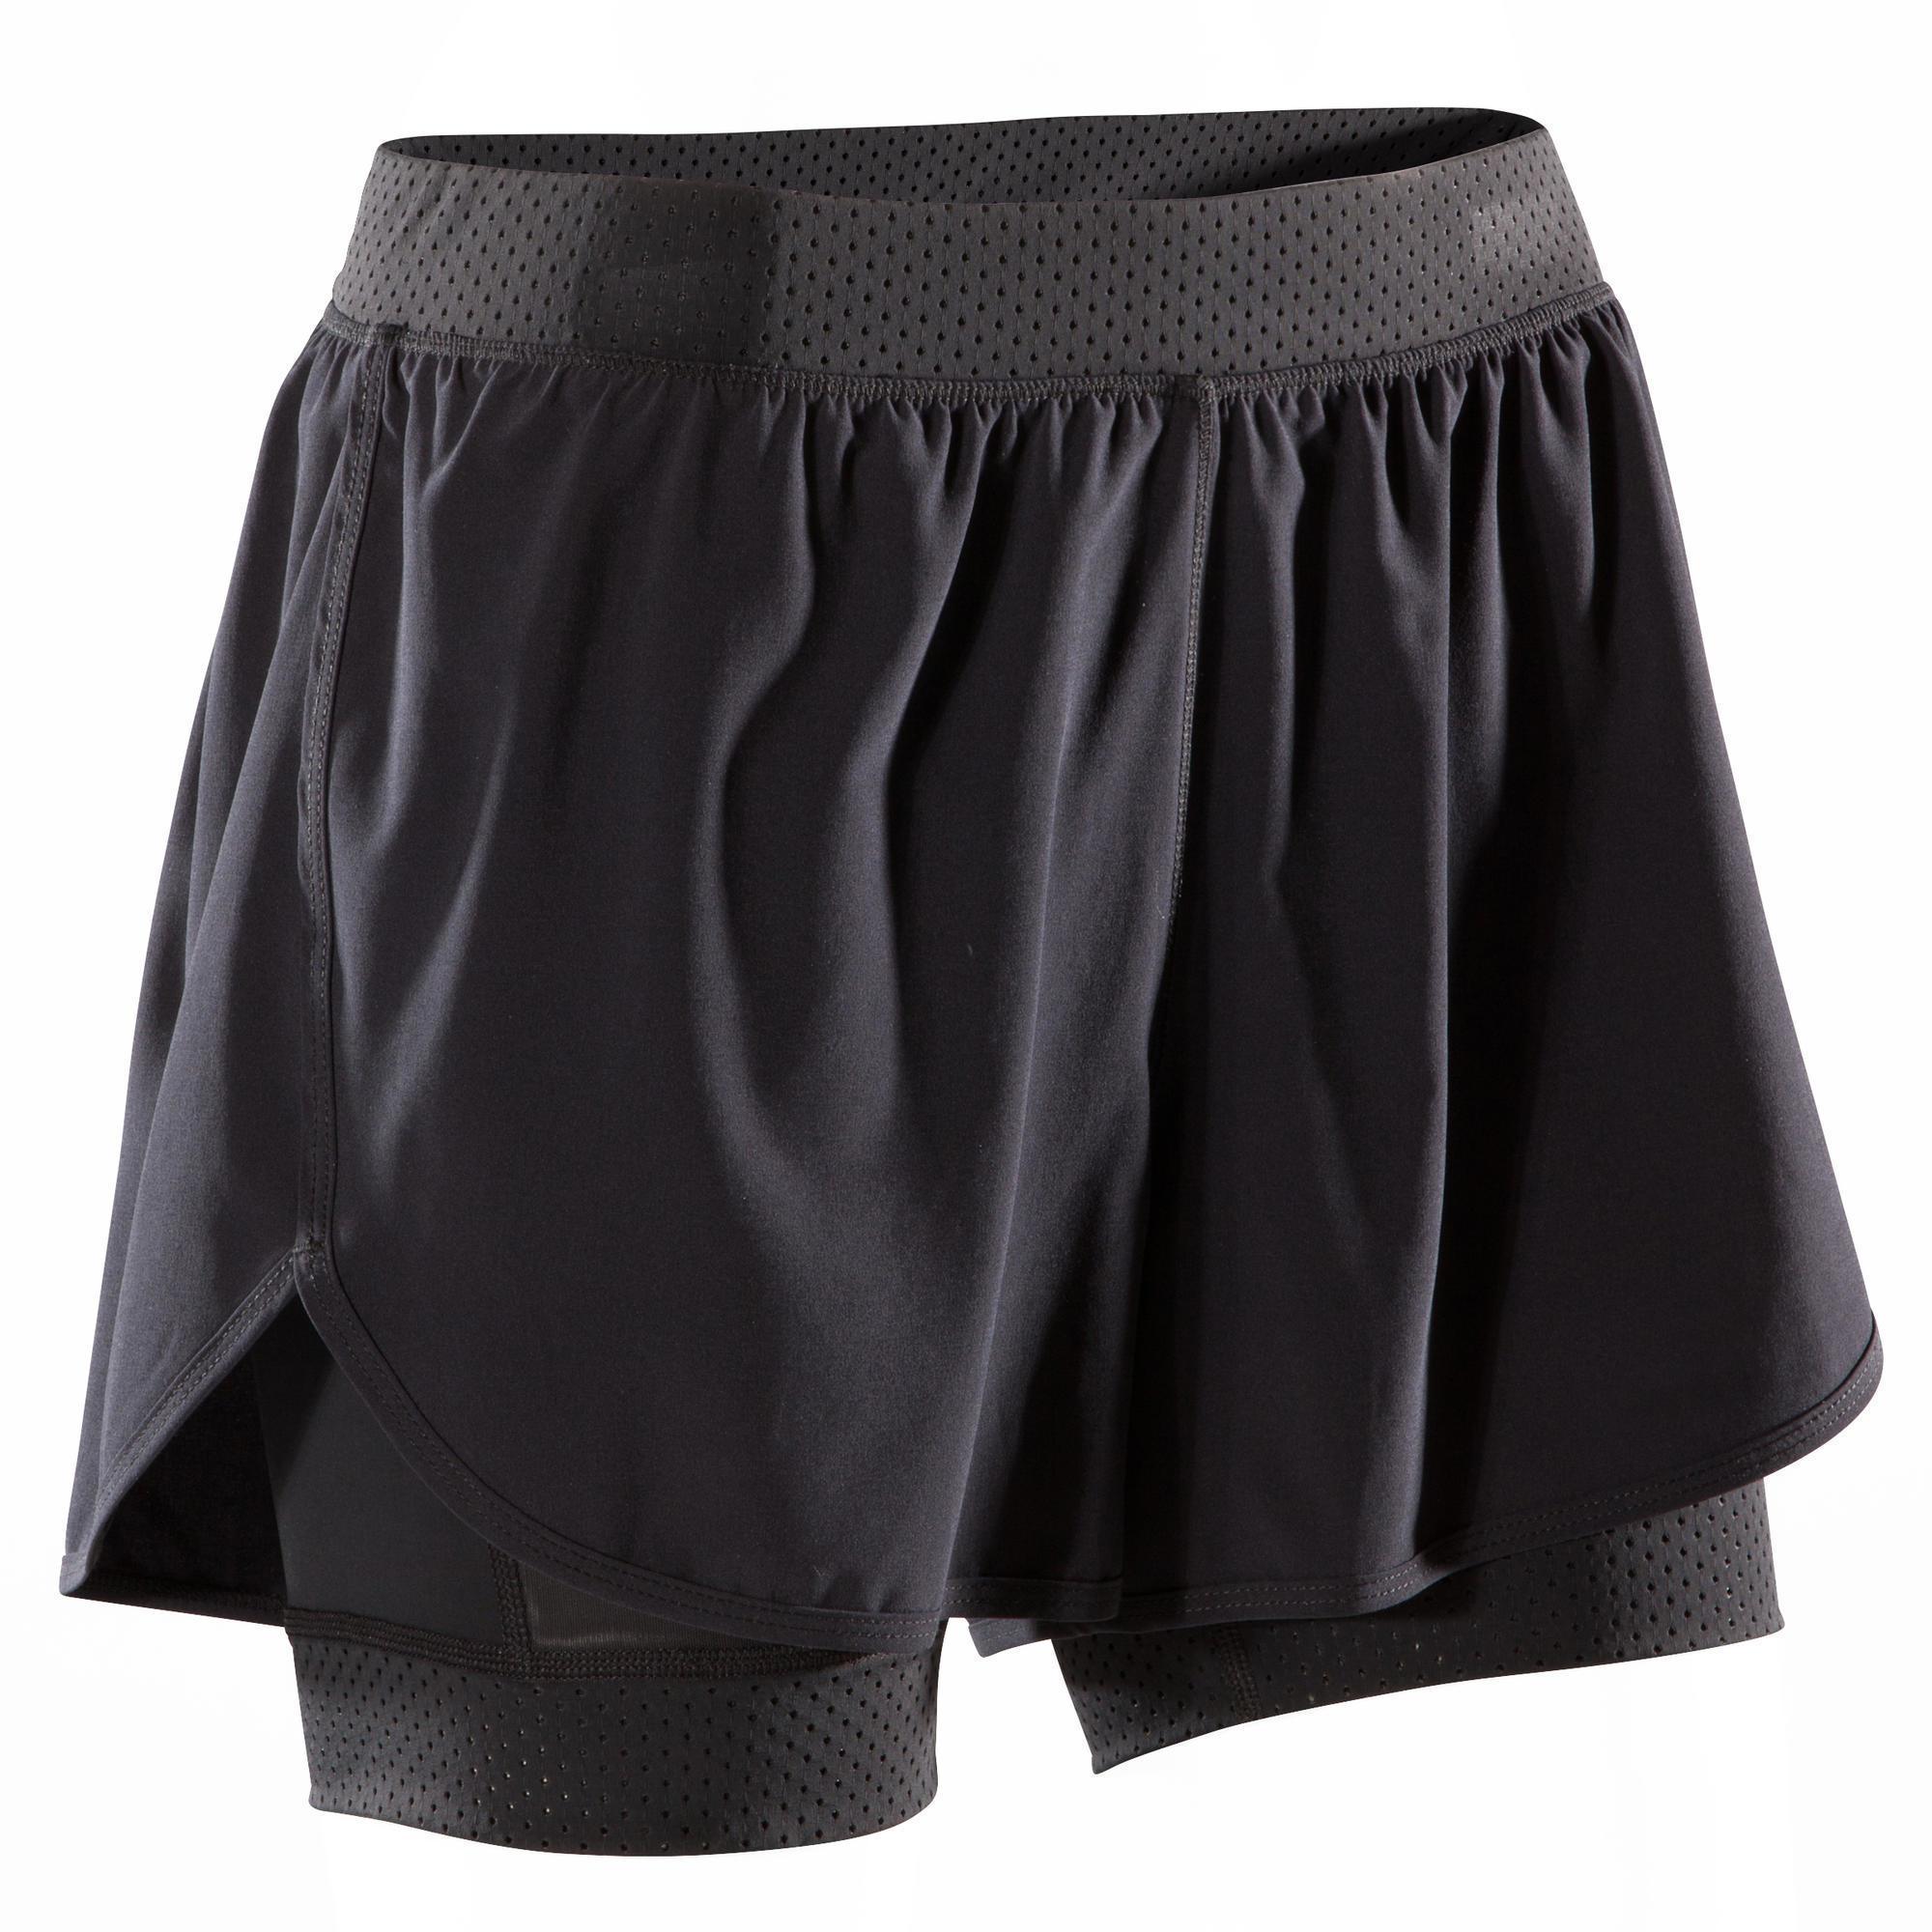 Domyos Sportbroekje fitness 900 voor dames, zwart